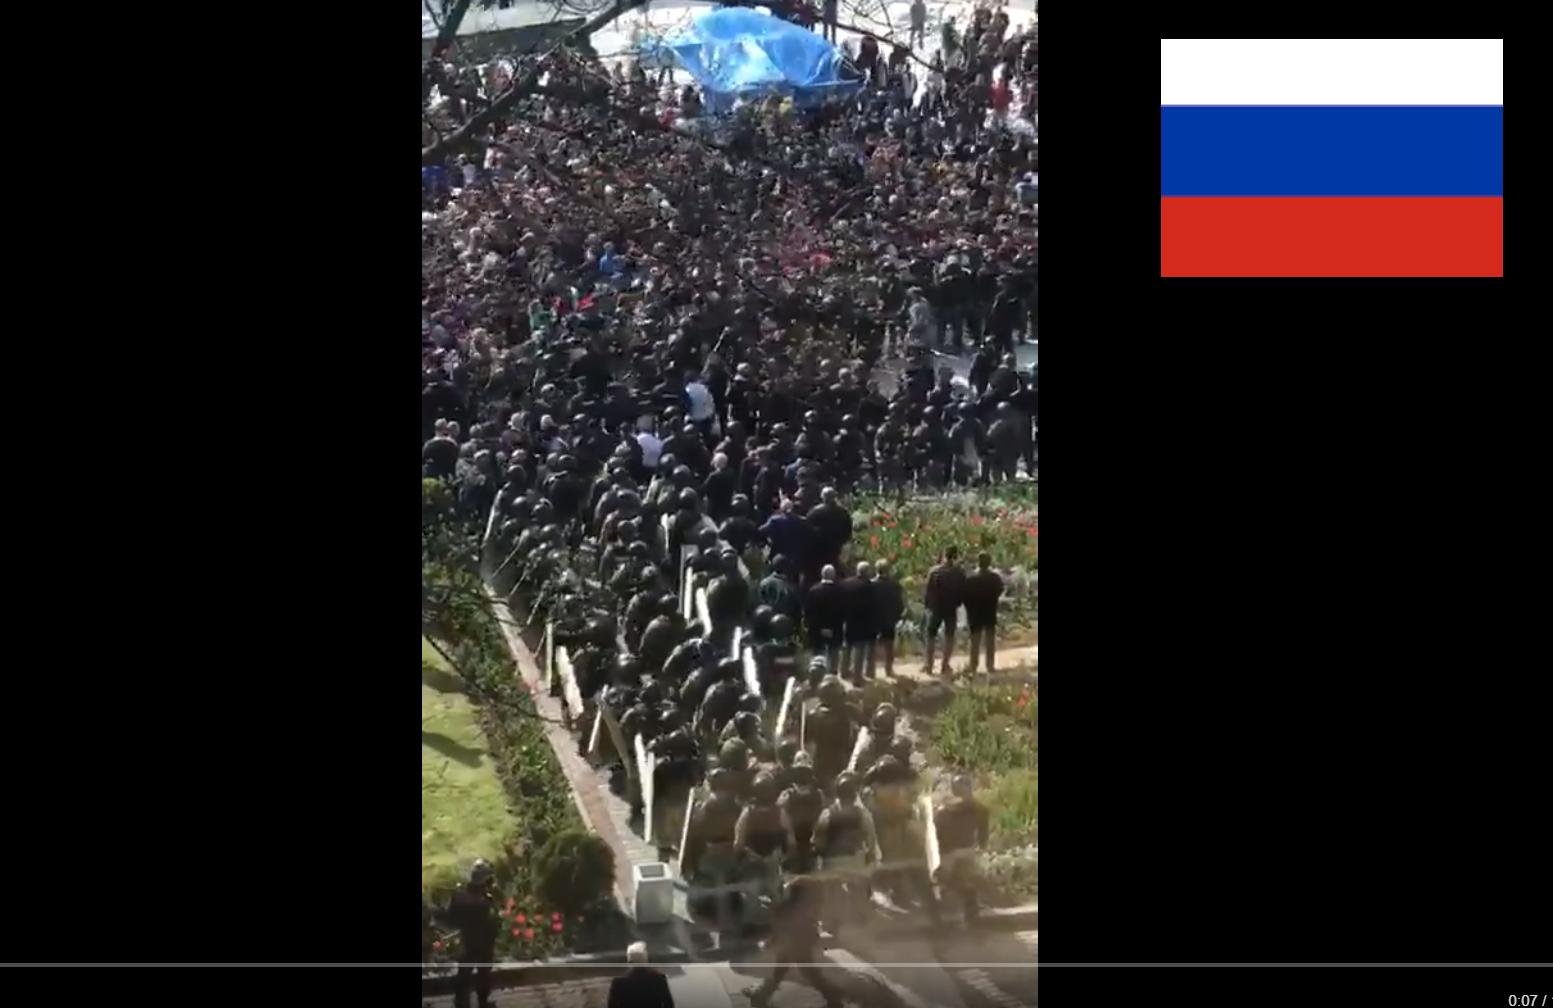 Бунт во Владикавказе: в российский ОМОН летят бутылки и мусор, толпа настроена агрессивно, видео